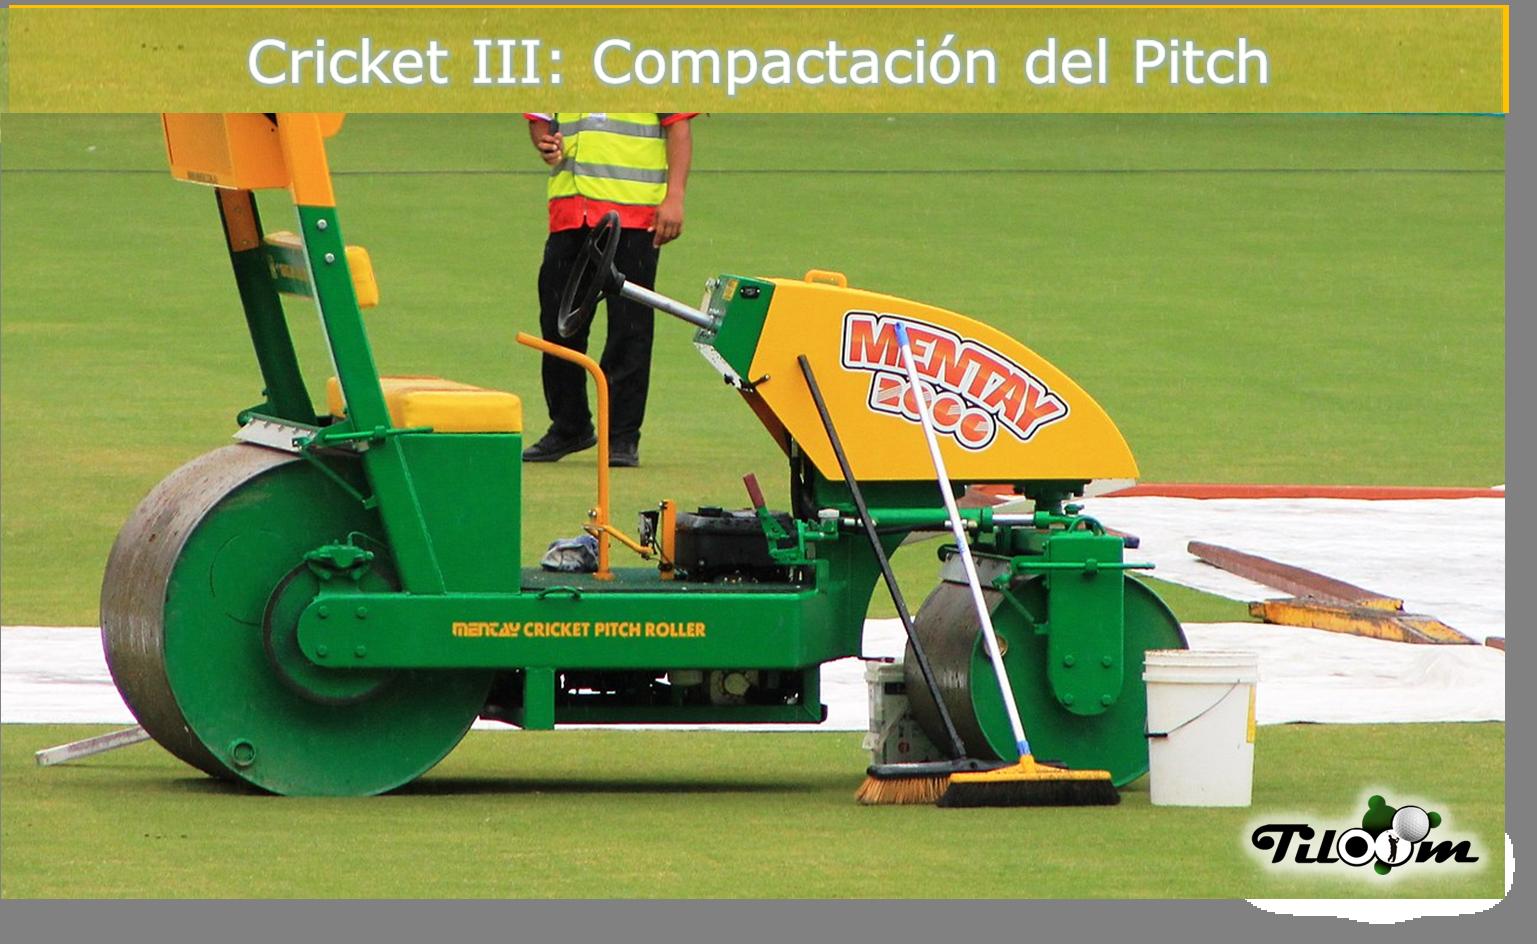 pitch roller en campo de cricket